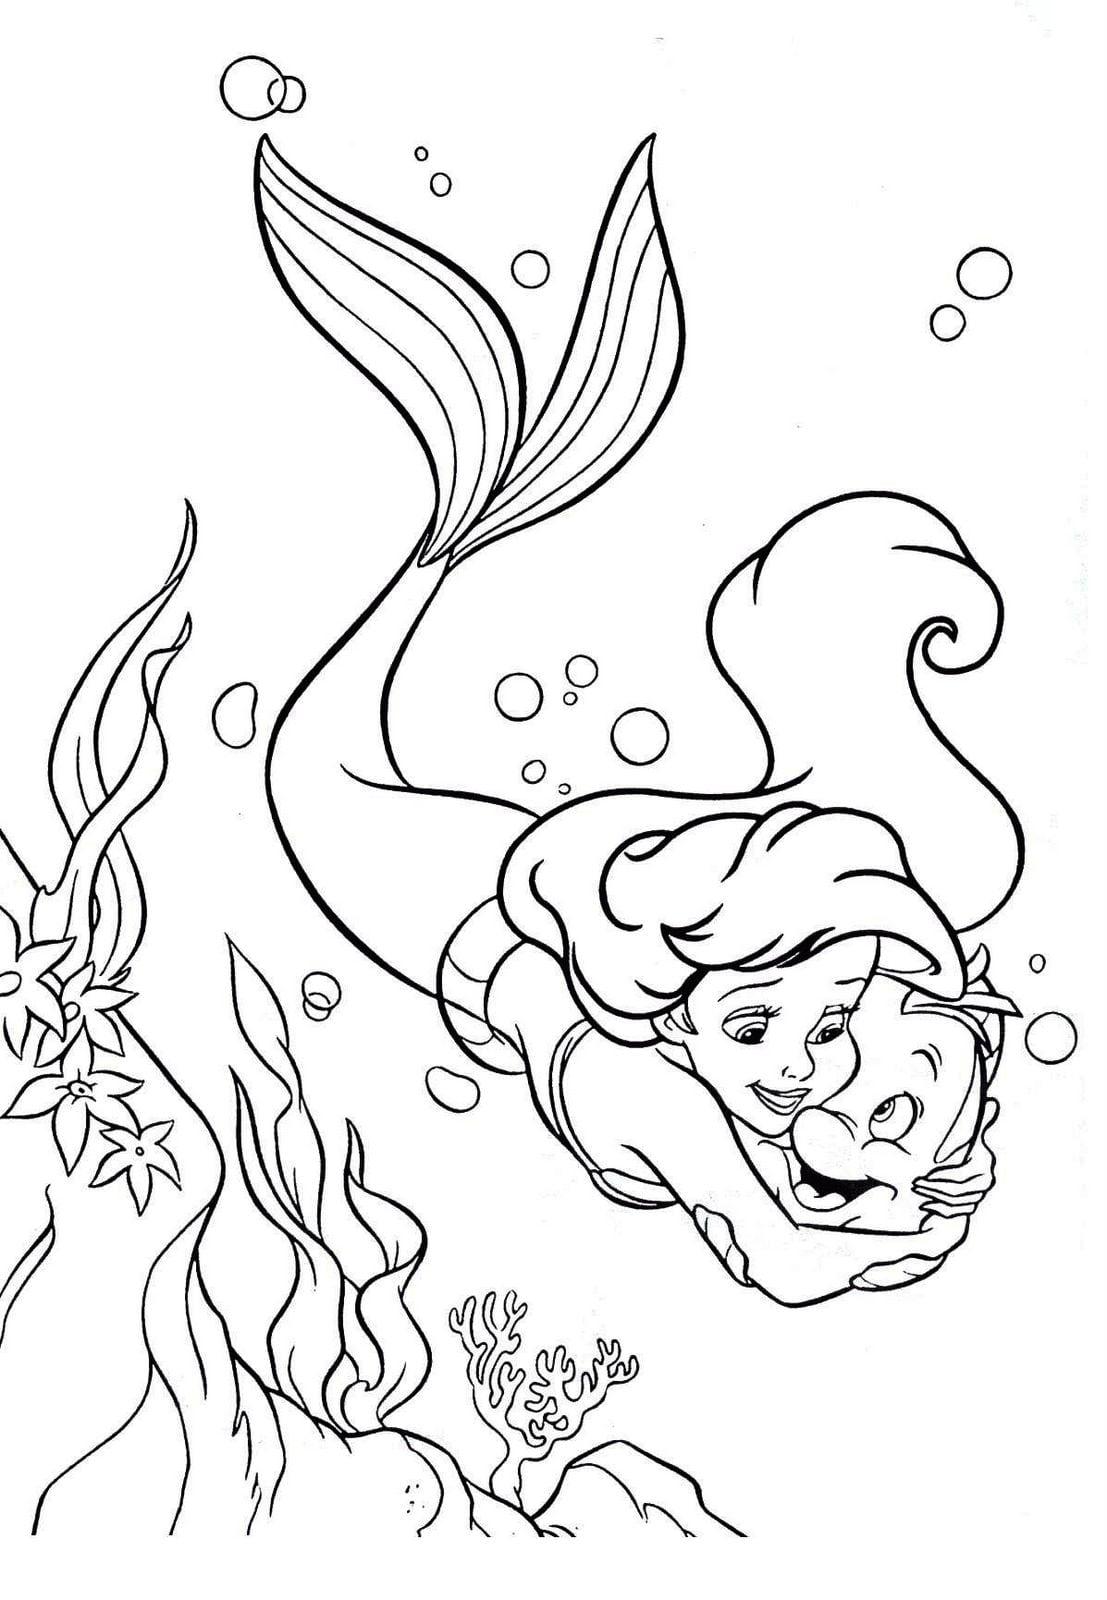 Cómo dibujar aprende a dibujar a apple white de las ever after high en sencillos pasos. Desenhos Para Colorir Ariel